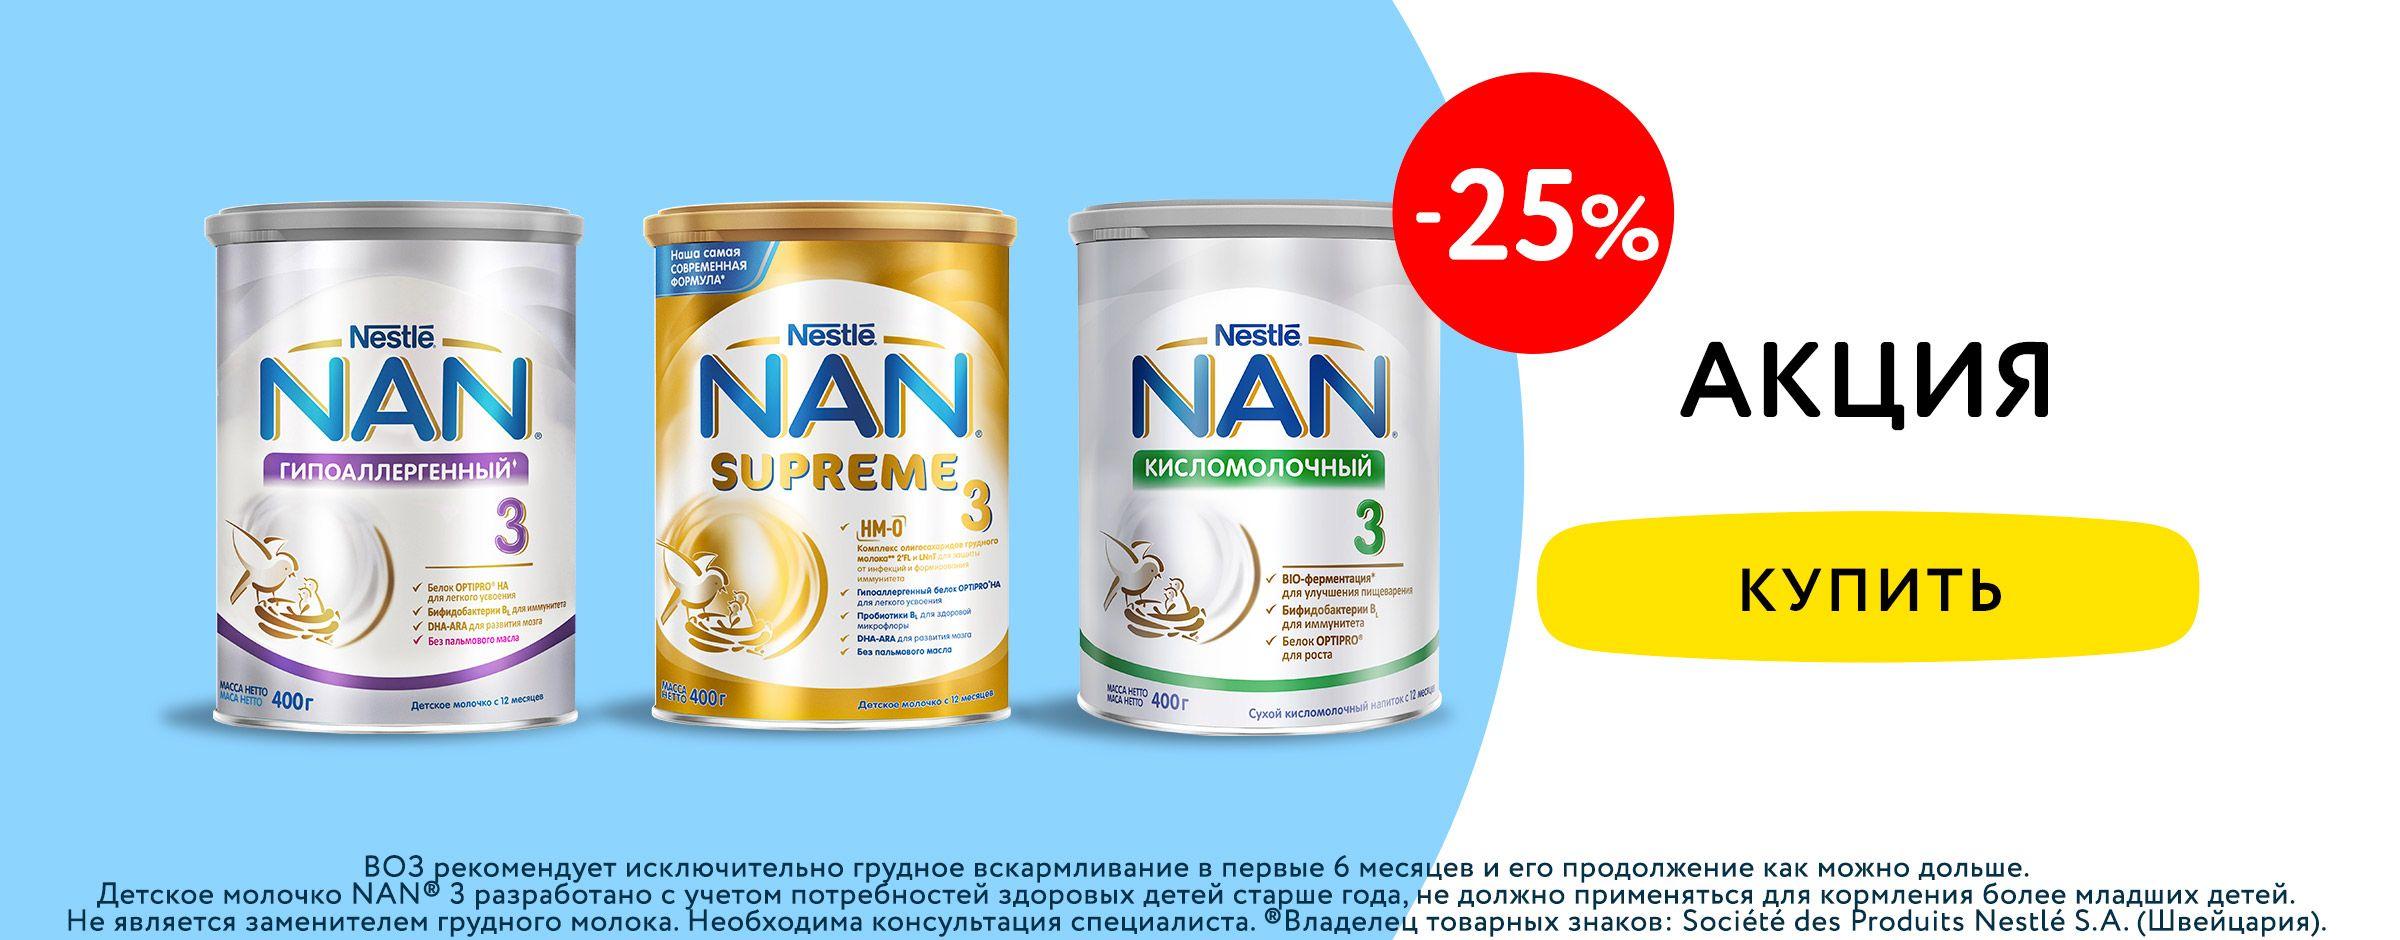 -25% на NAN статика